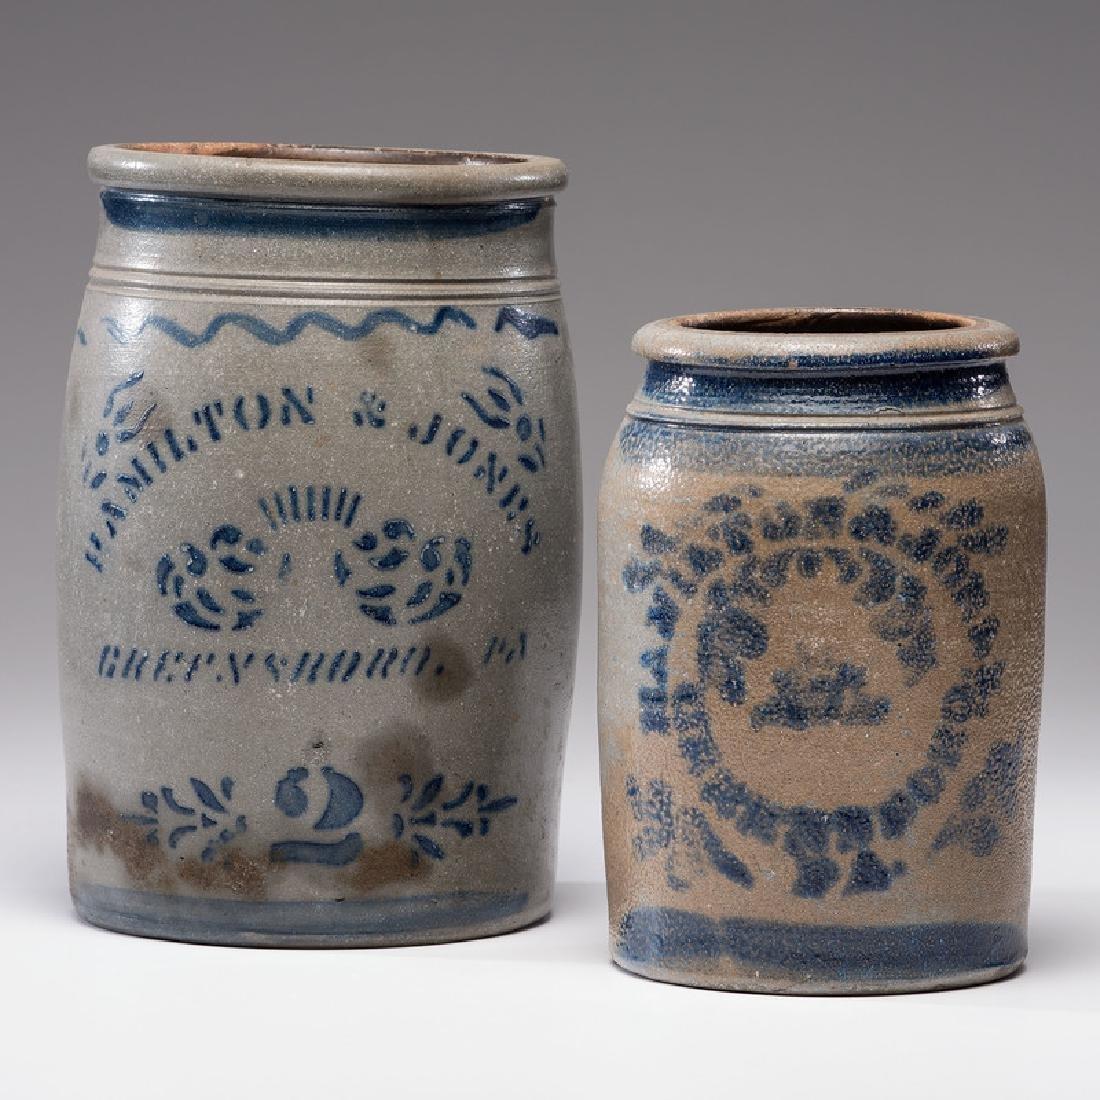 Hamilton & Jones Stoneware Crocks